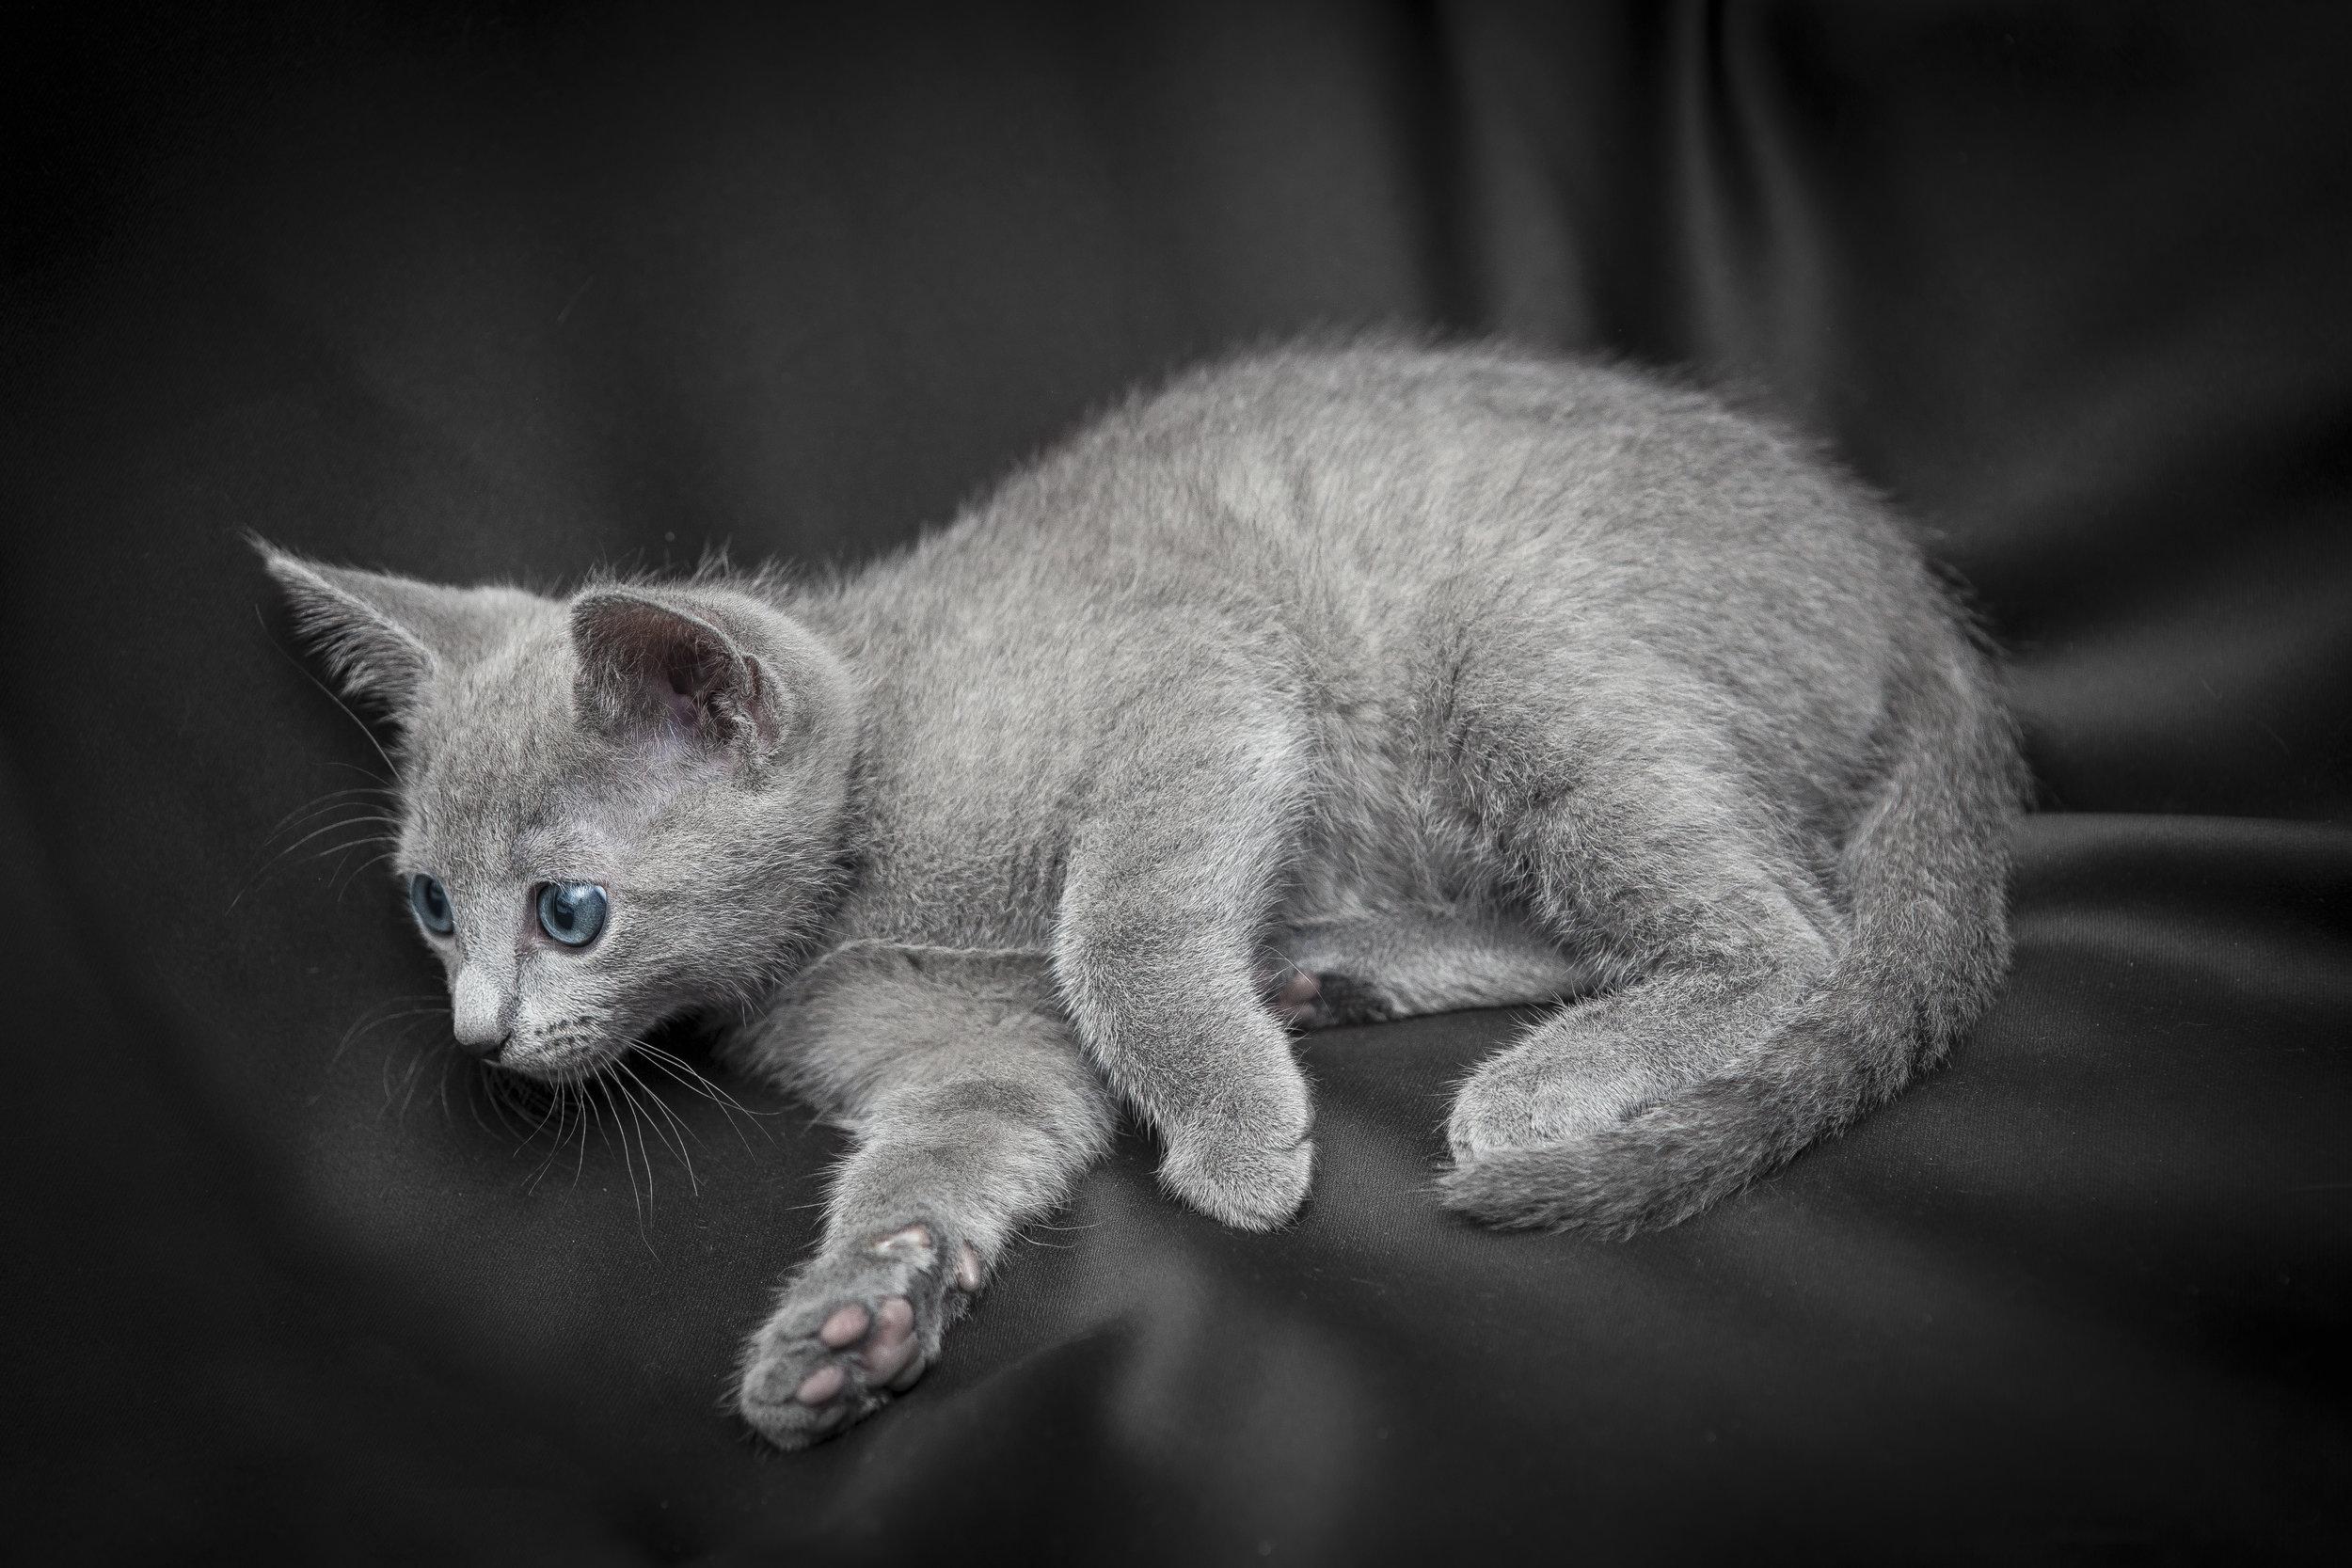 Foto di gattini di razza